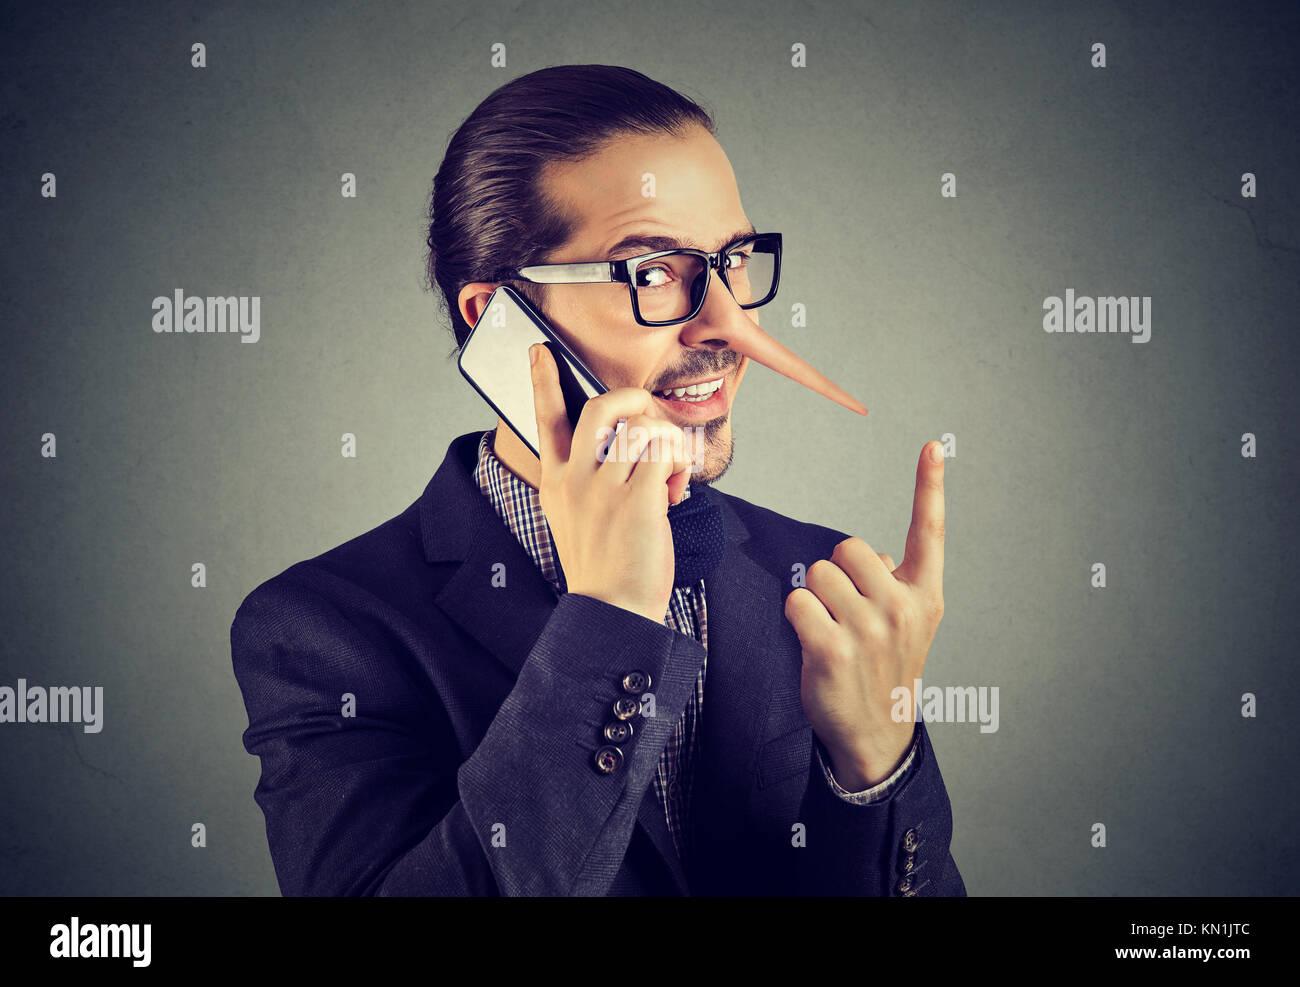 Sly bugiardo business man con il naso lungo parlando al telefono cellulare isolata sul muro grigio Sfondo. Immagini Stock